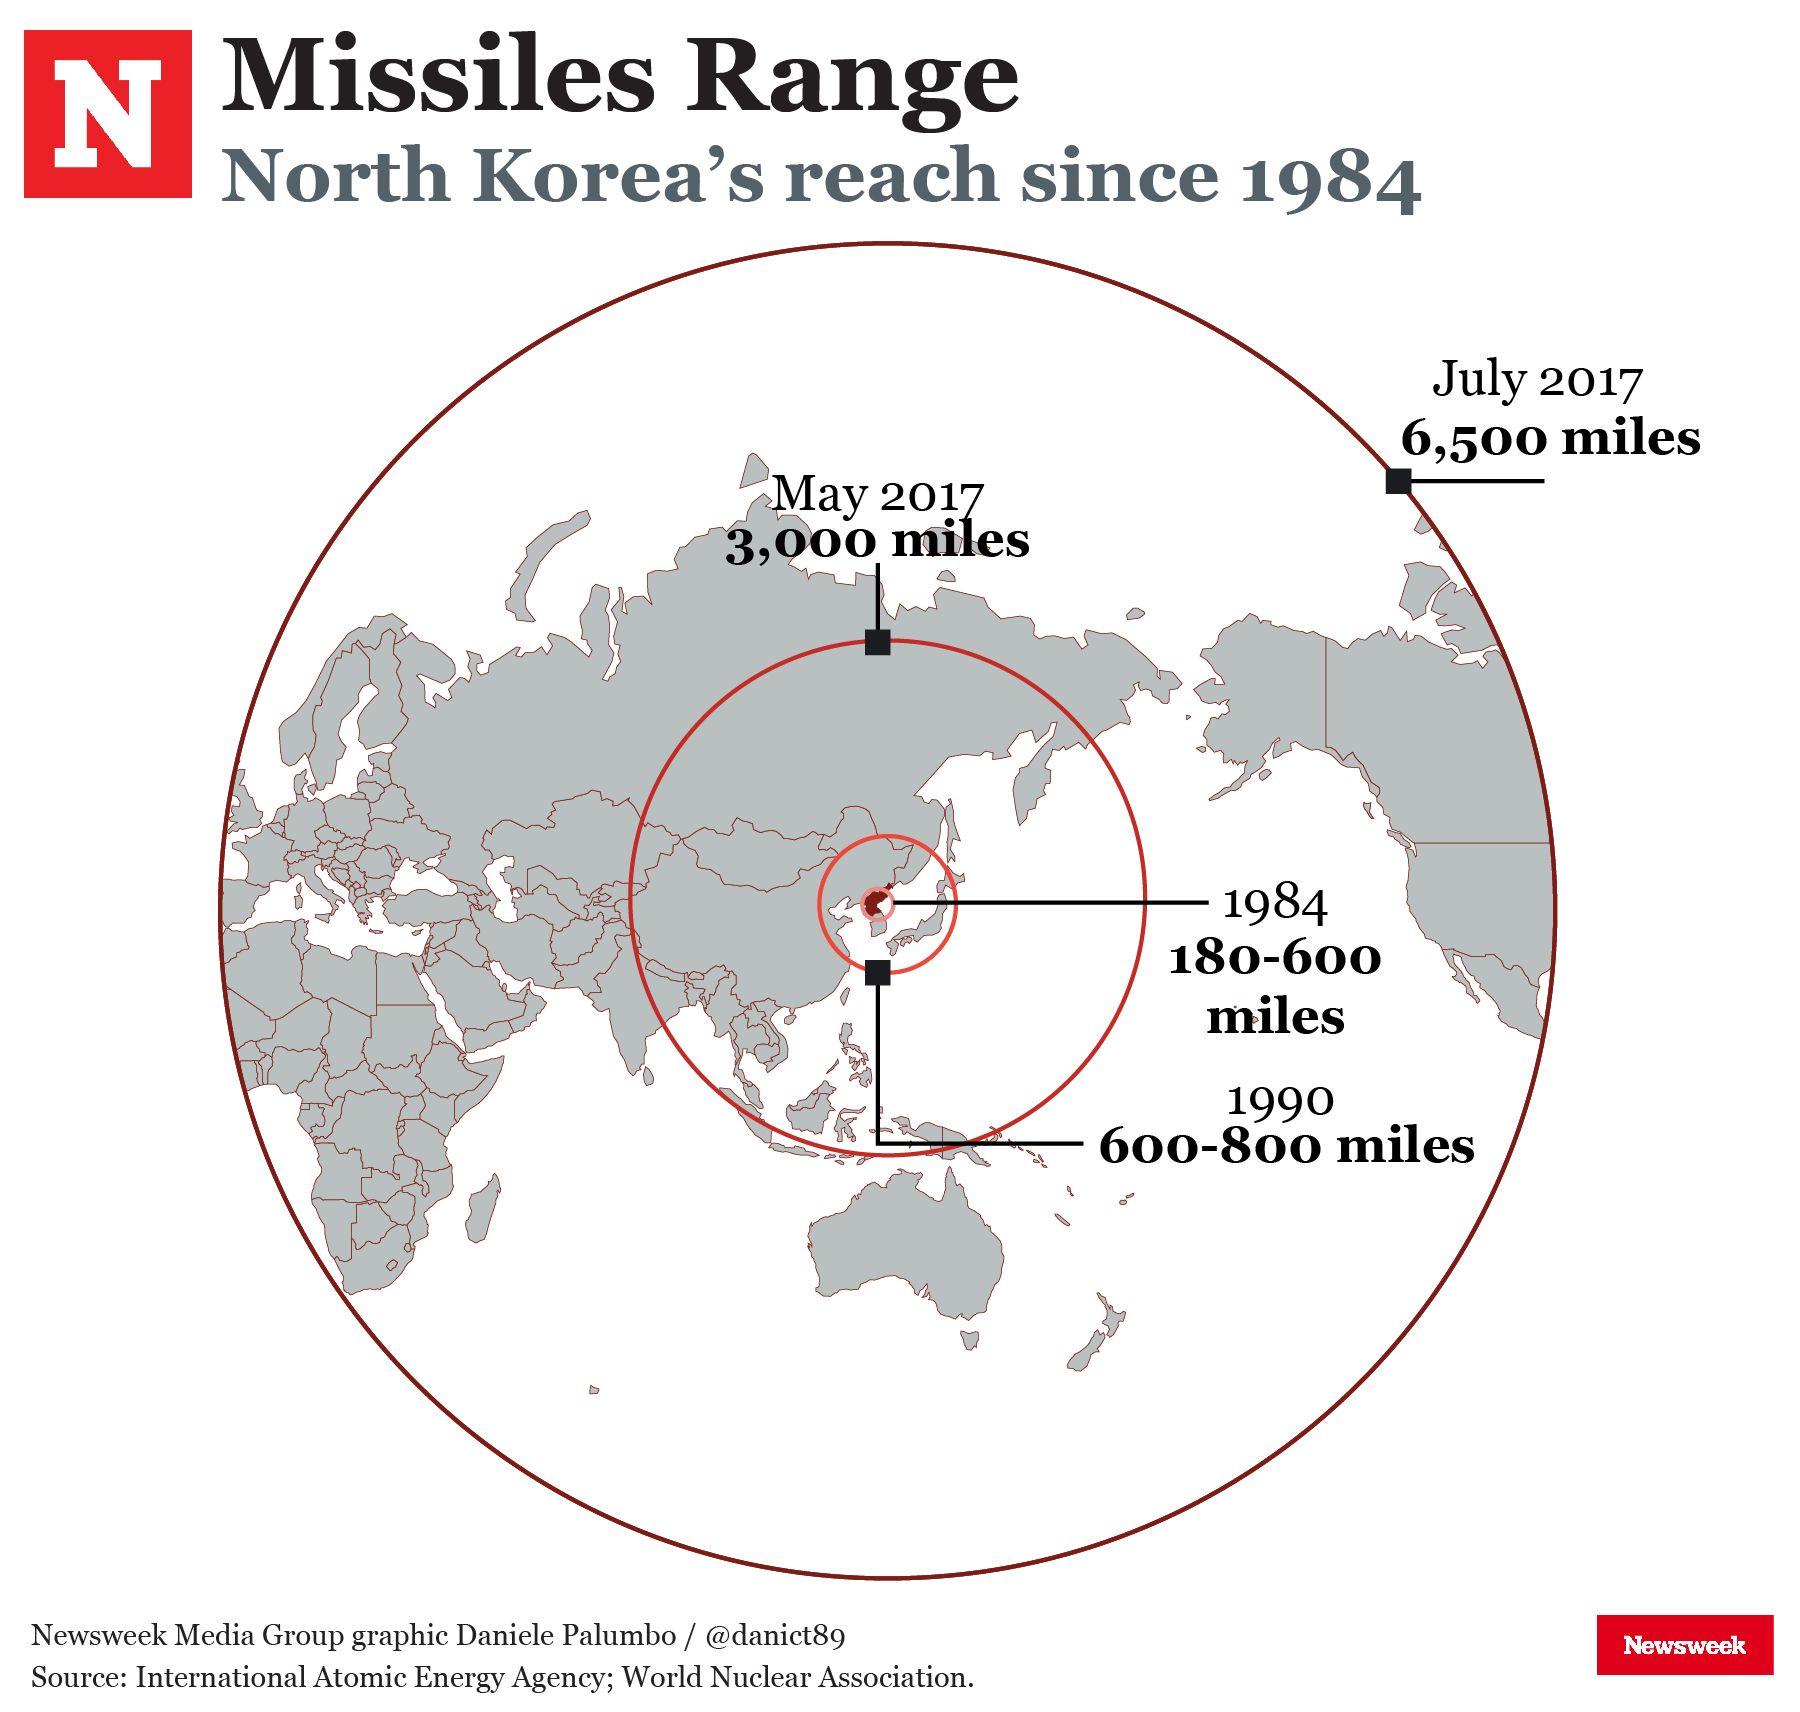 North Korea missile range